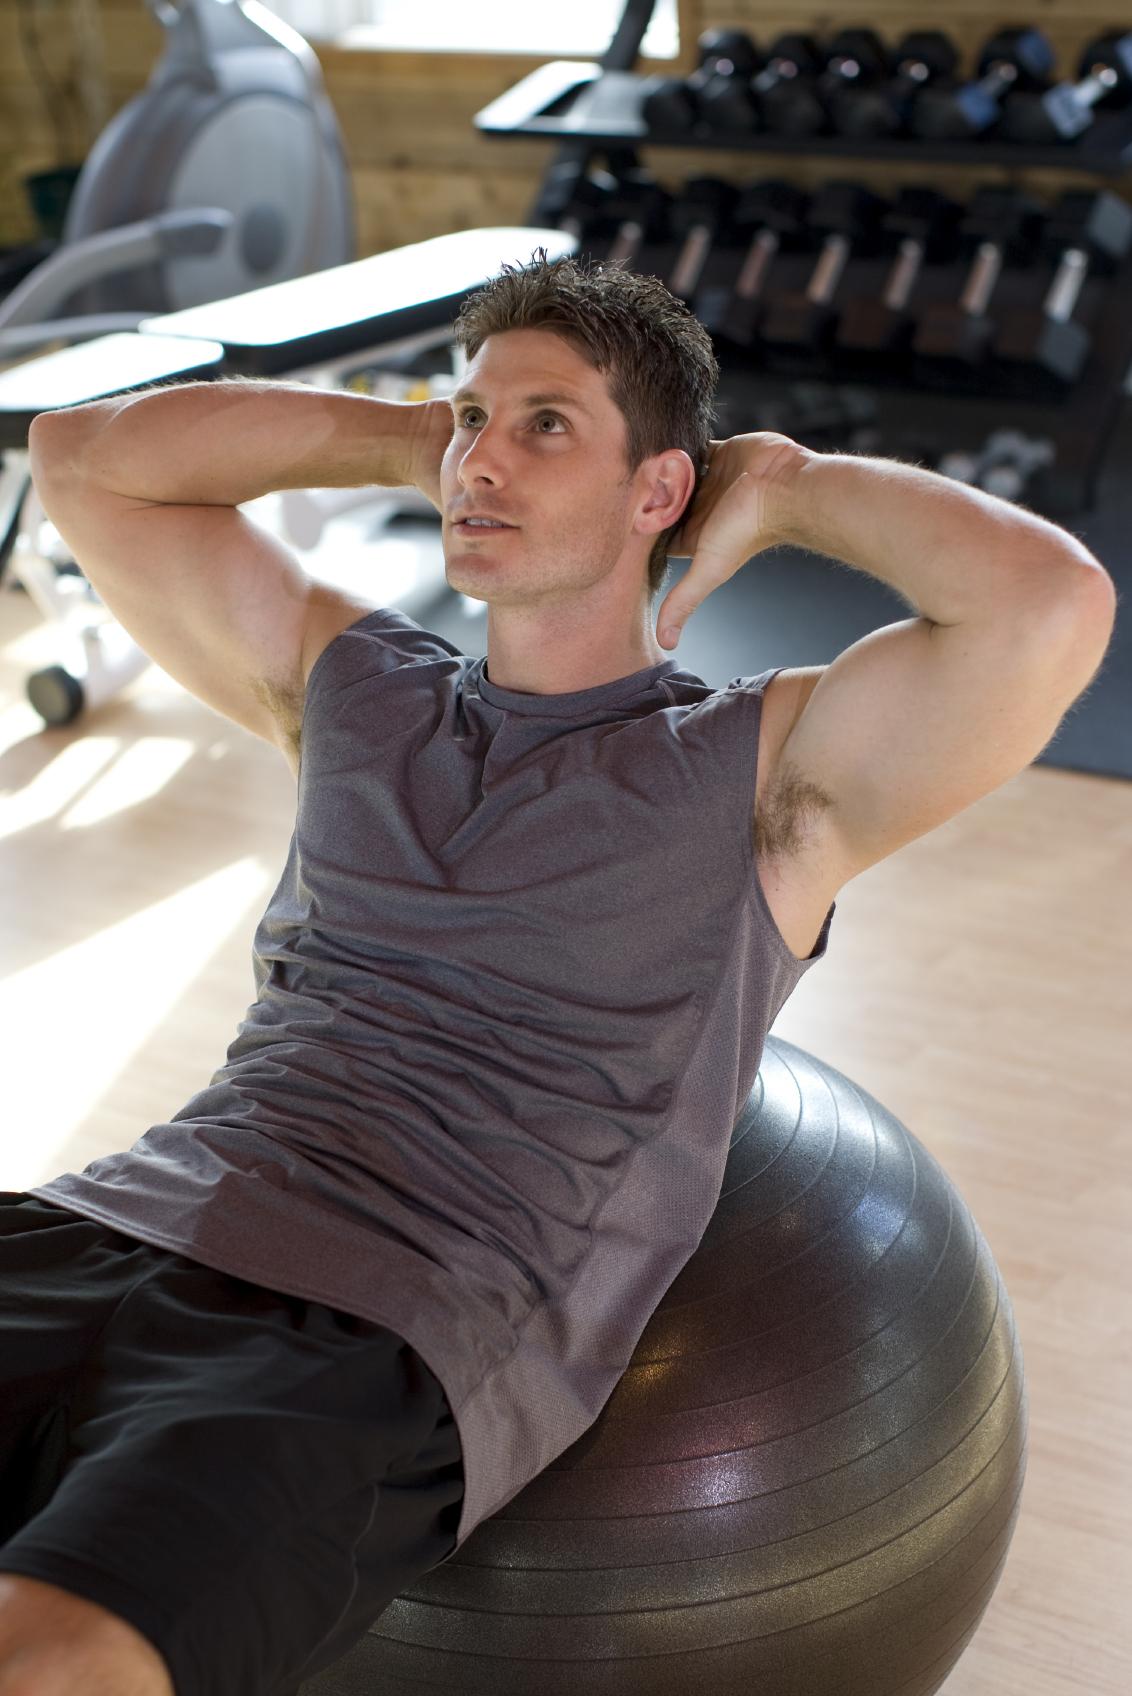 exercise priority